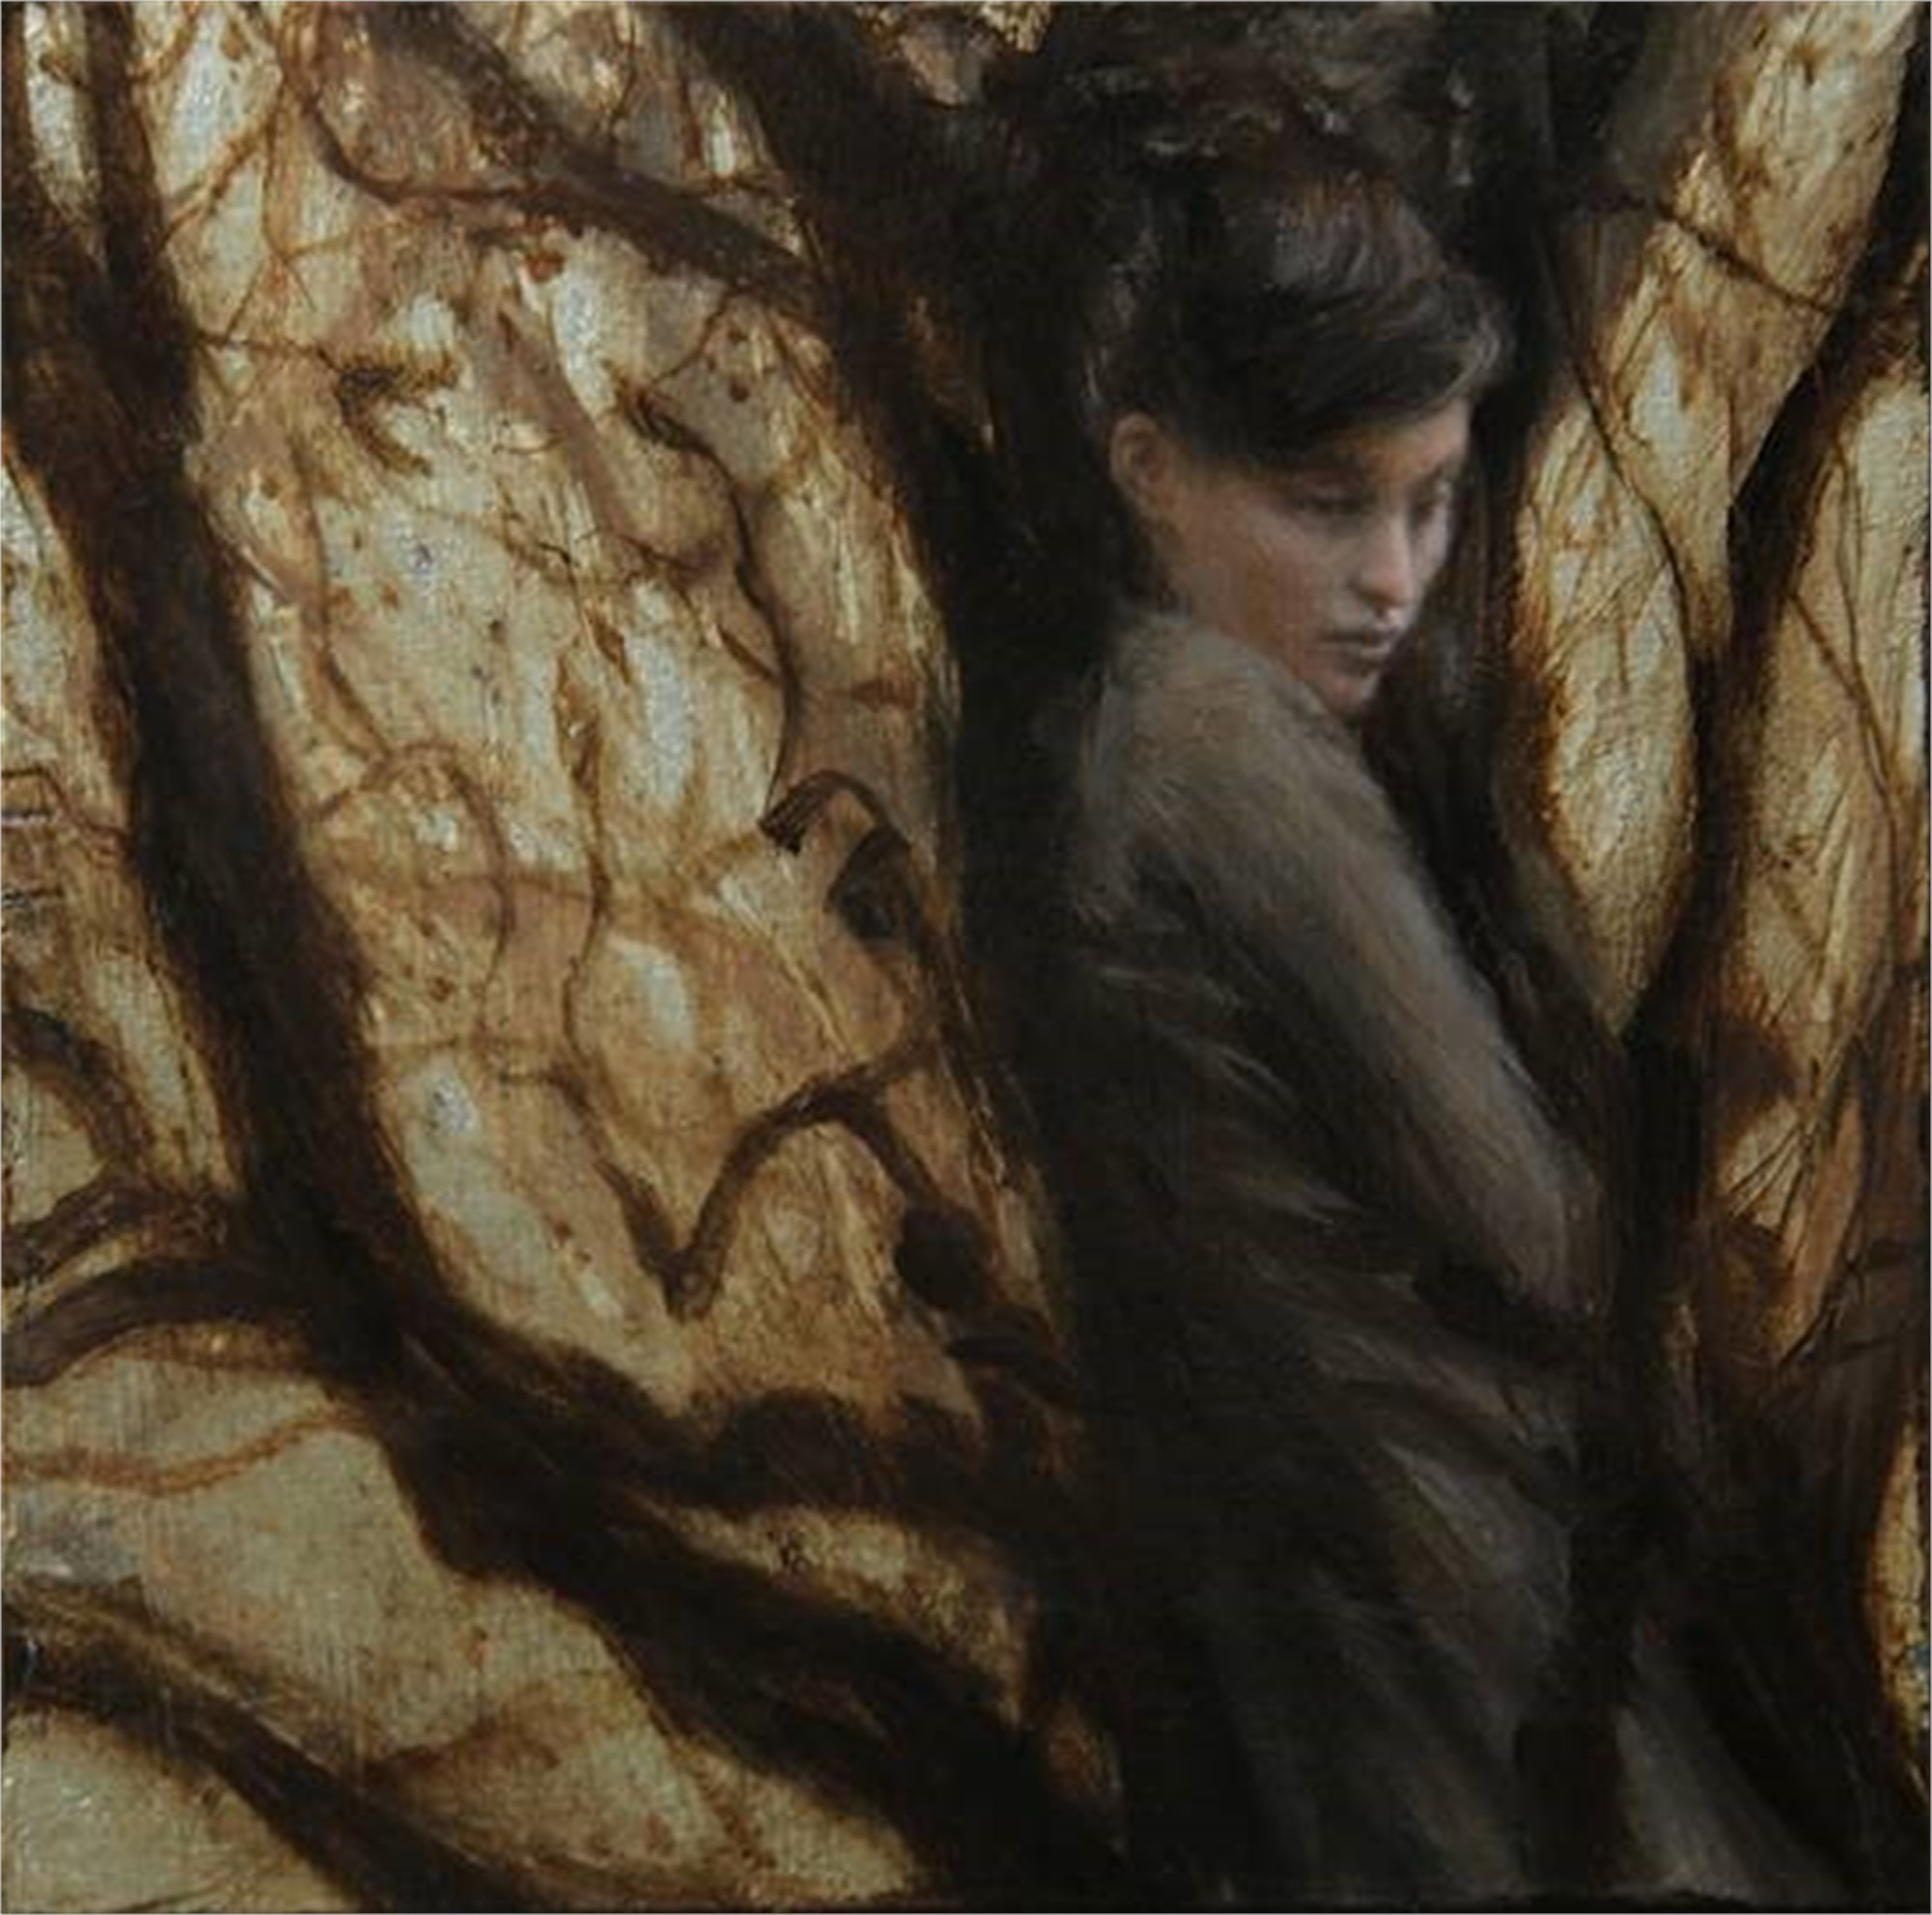 Wilderness by Dorian Vallejo